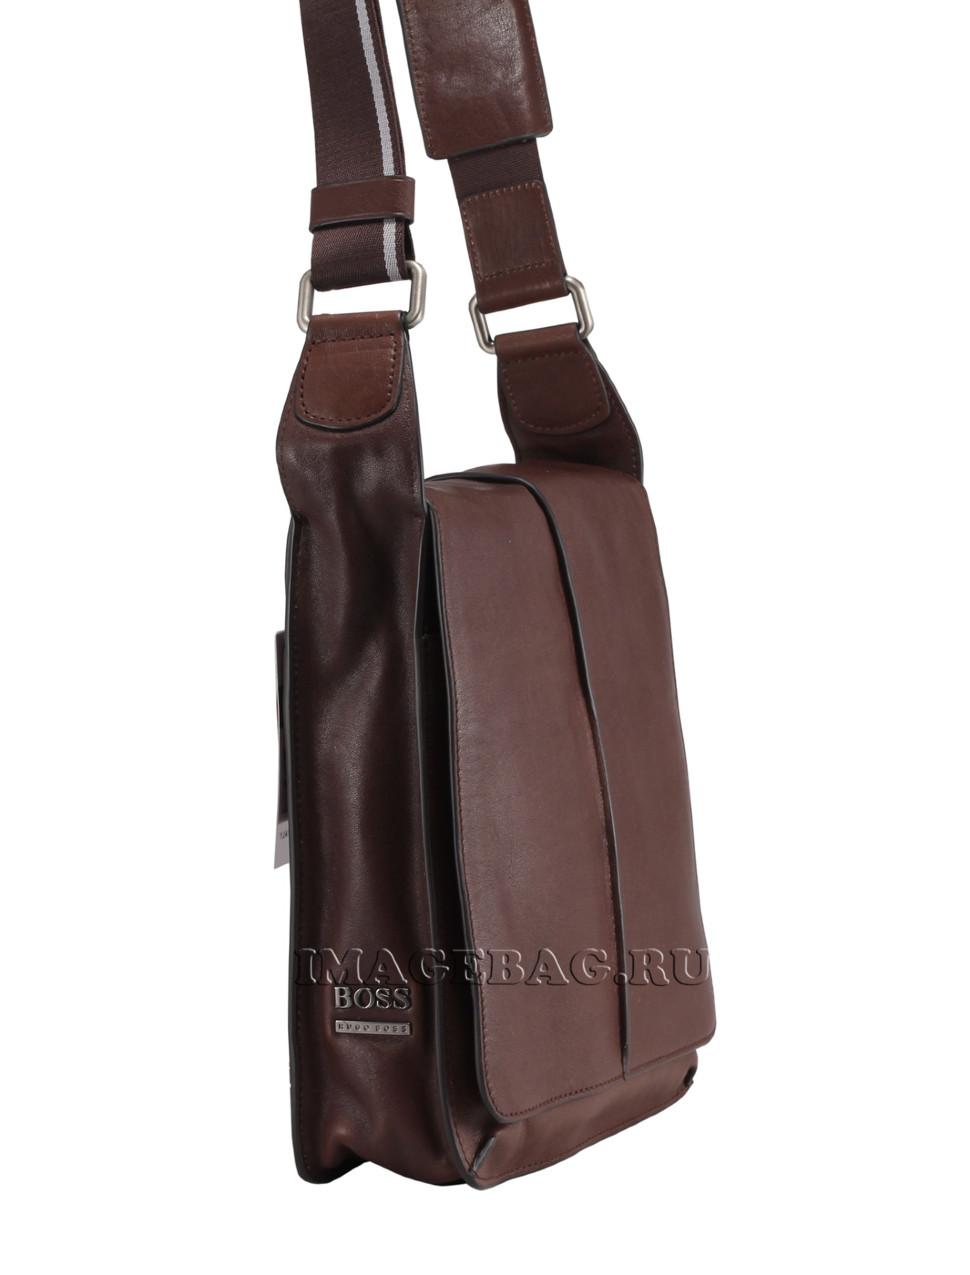 7c4c19a8787a Мужская коричневая сумка Hugo Boss 6055-9-47-1 купить в ...